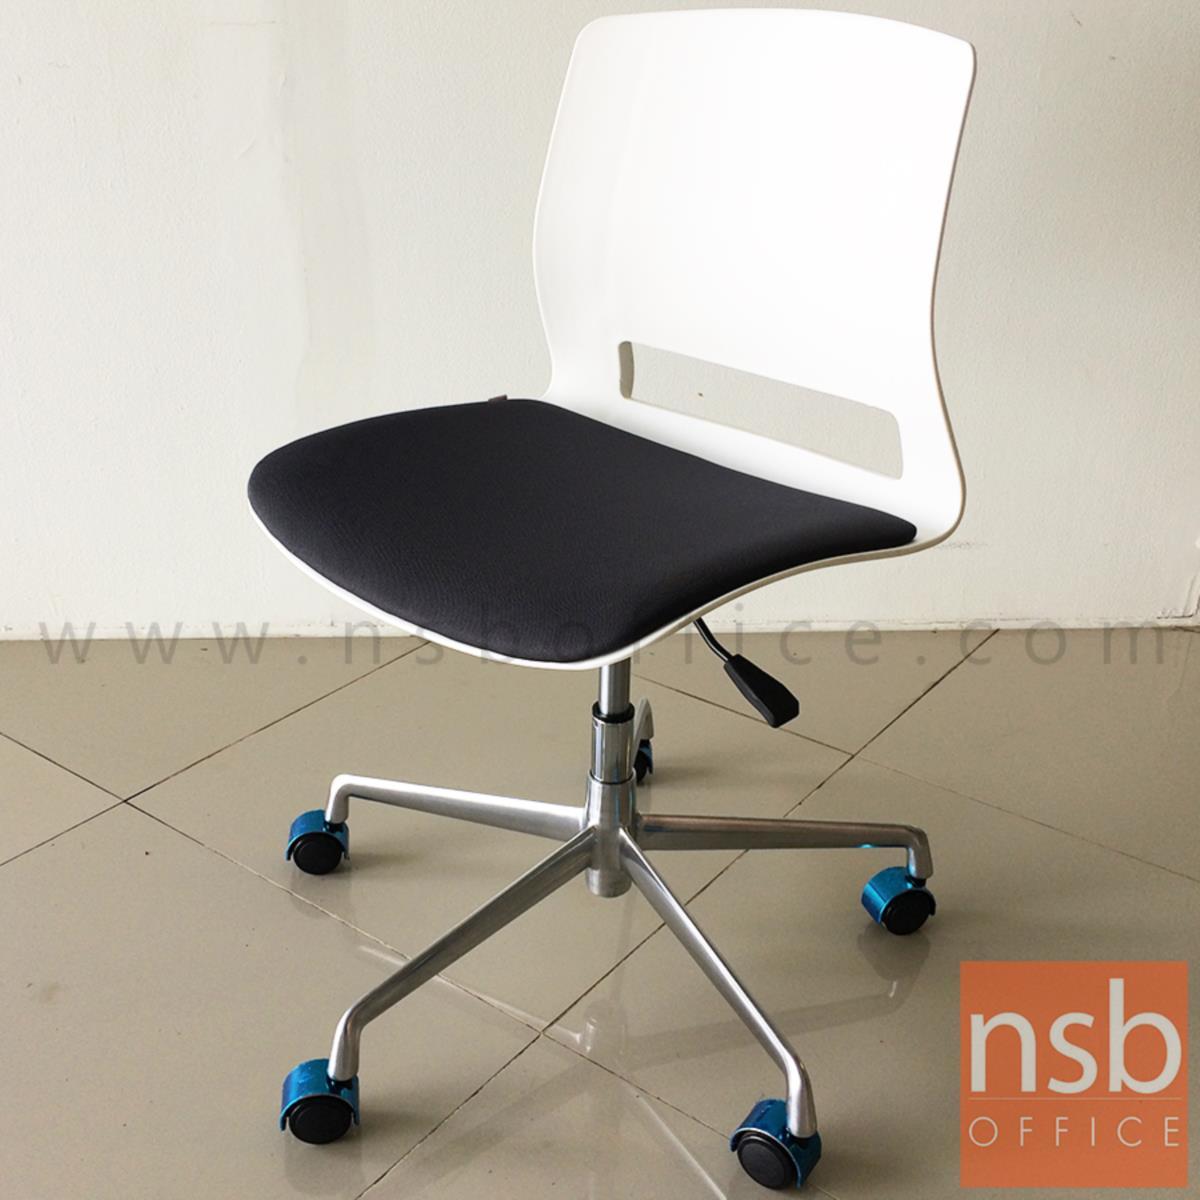 เก้าอี้สำนักงานโพลี่  รุ่น greenwell (กรีนเวล)  โช๊คแก๊ส ขาอลูมิเนียม